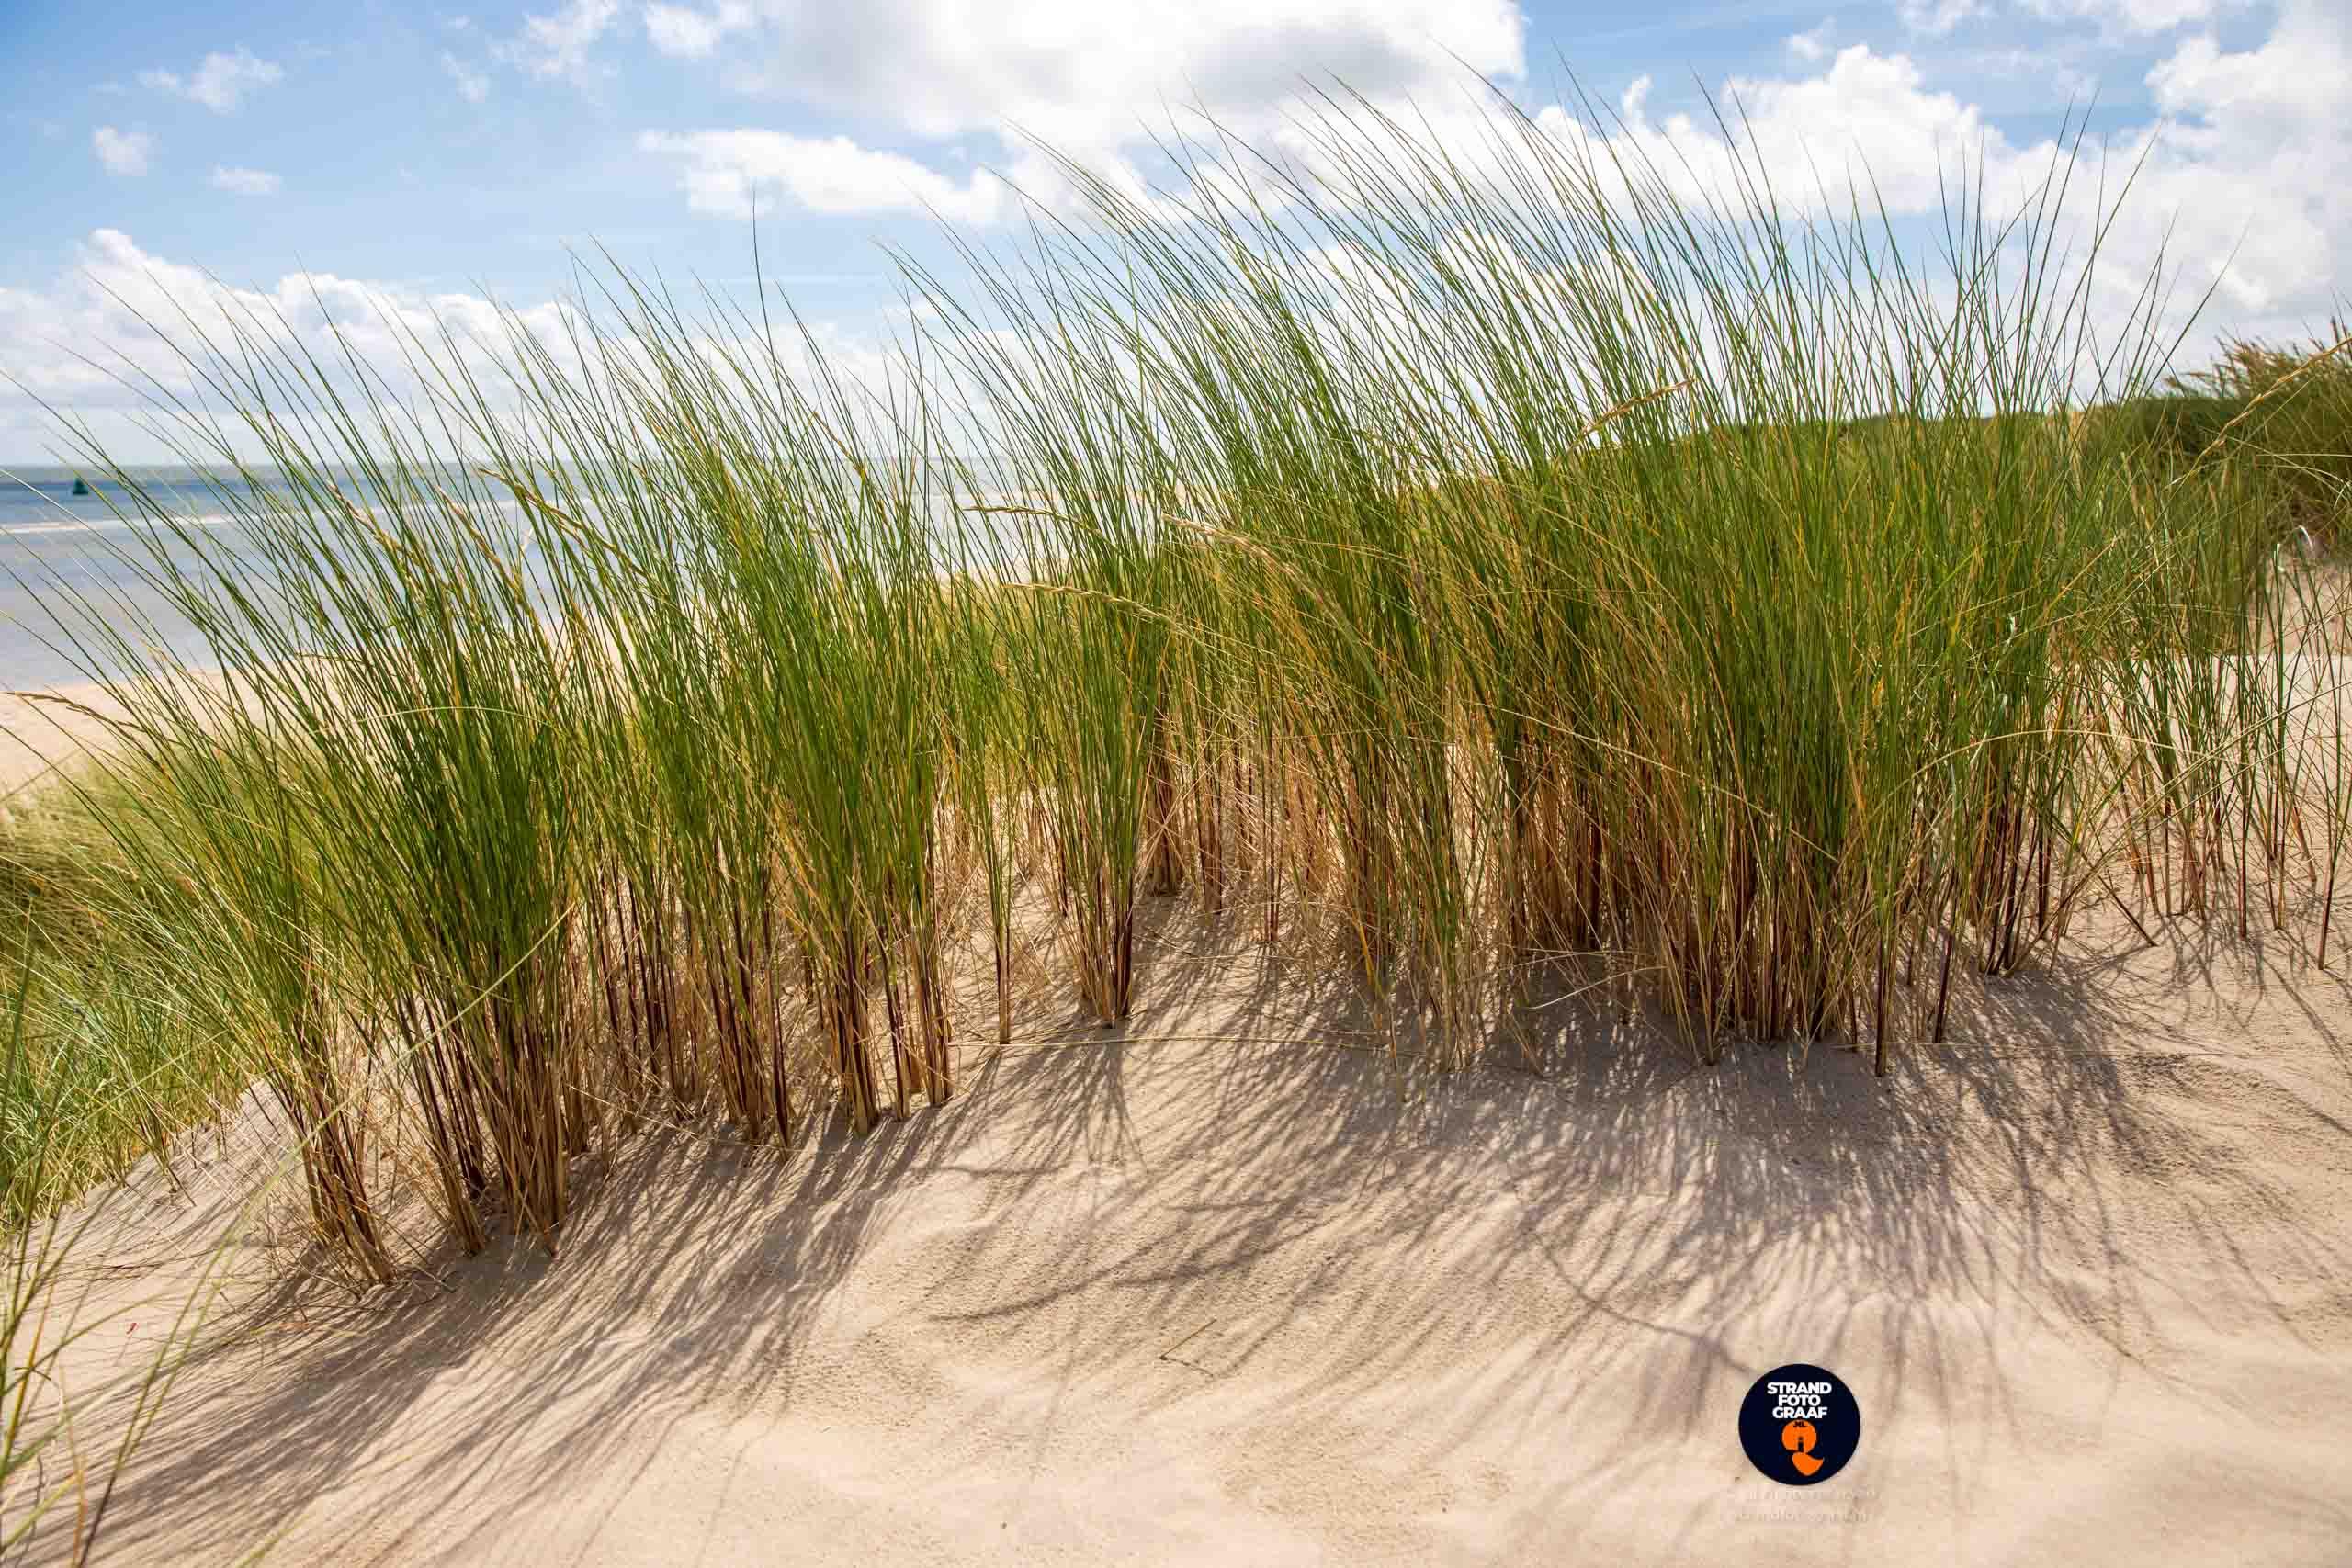 Helmgras en duinen in zonlicht - Strandfotograaf